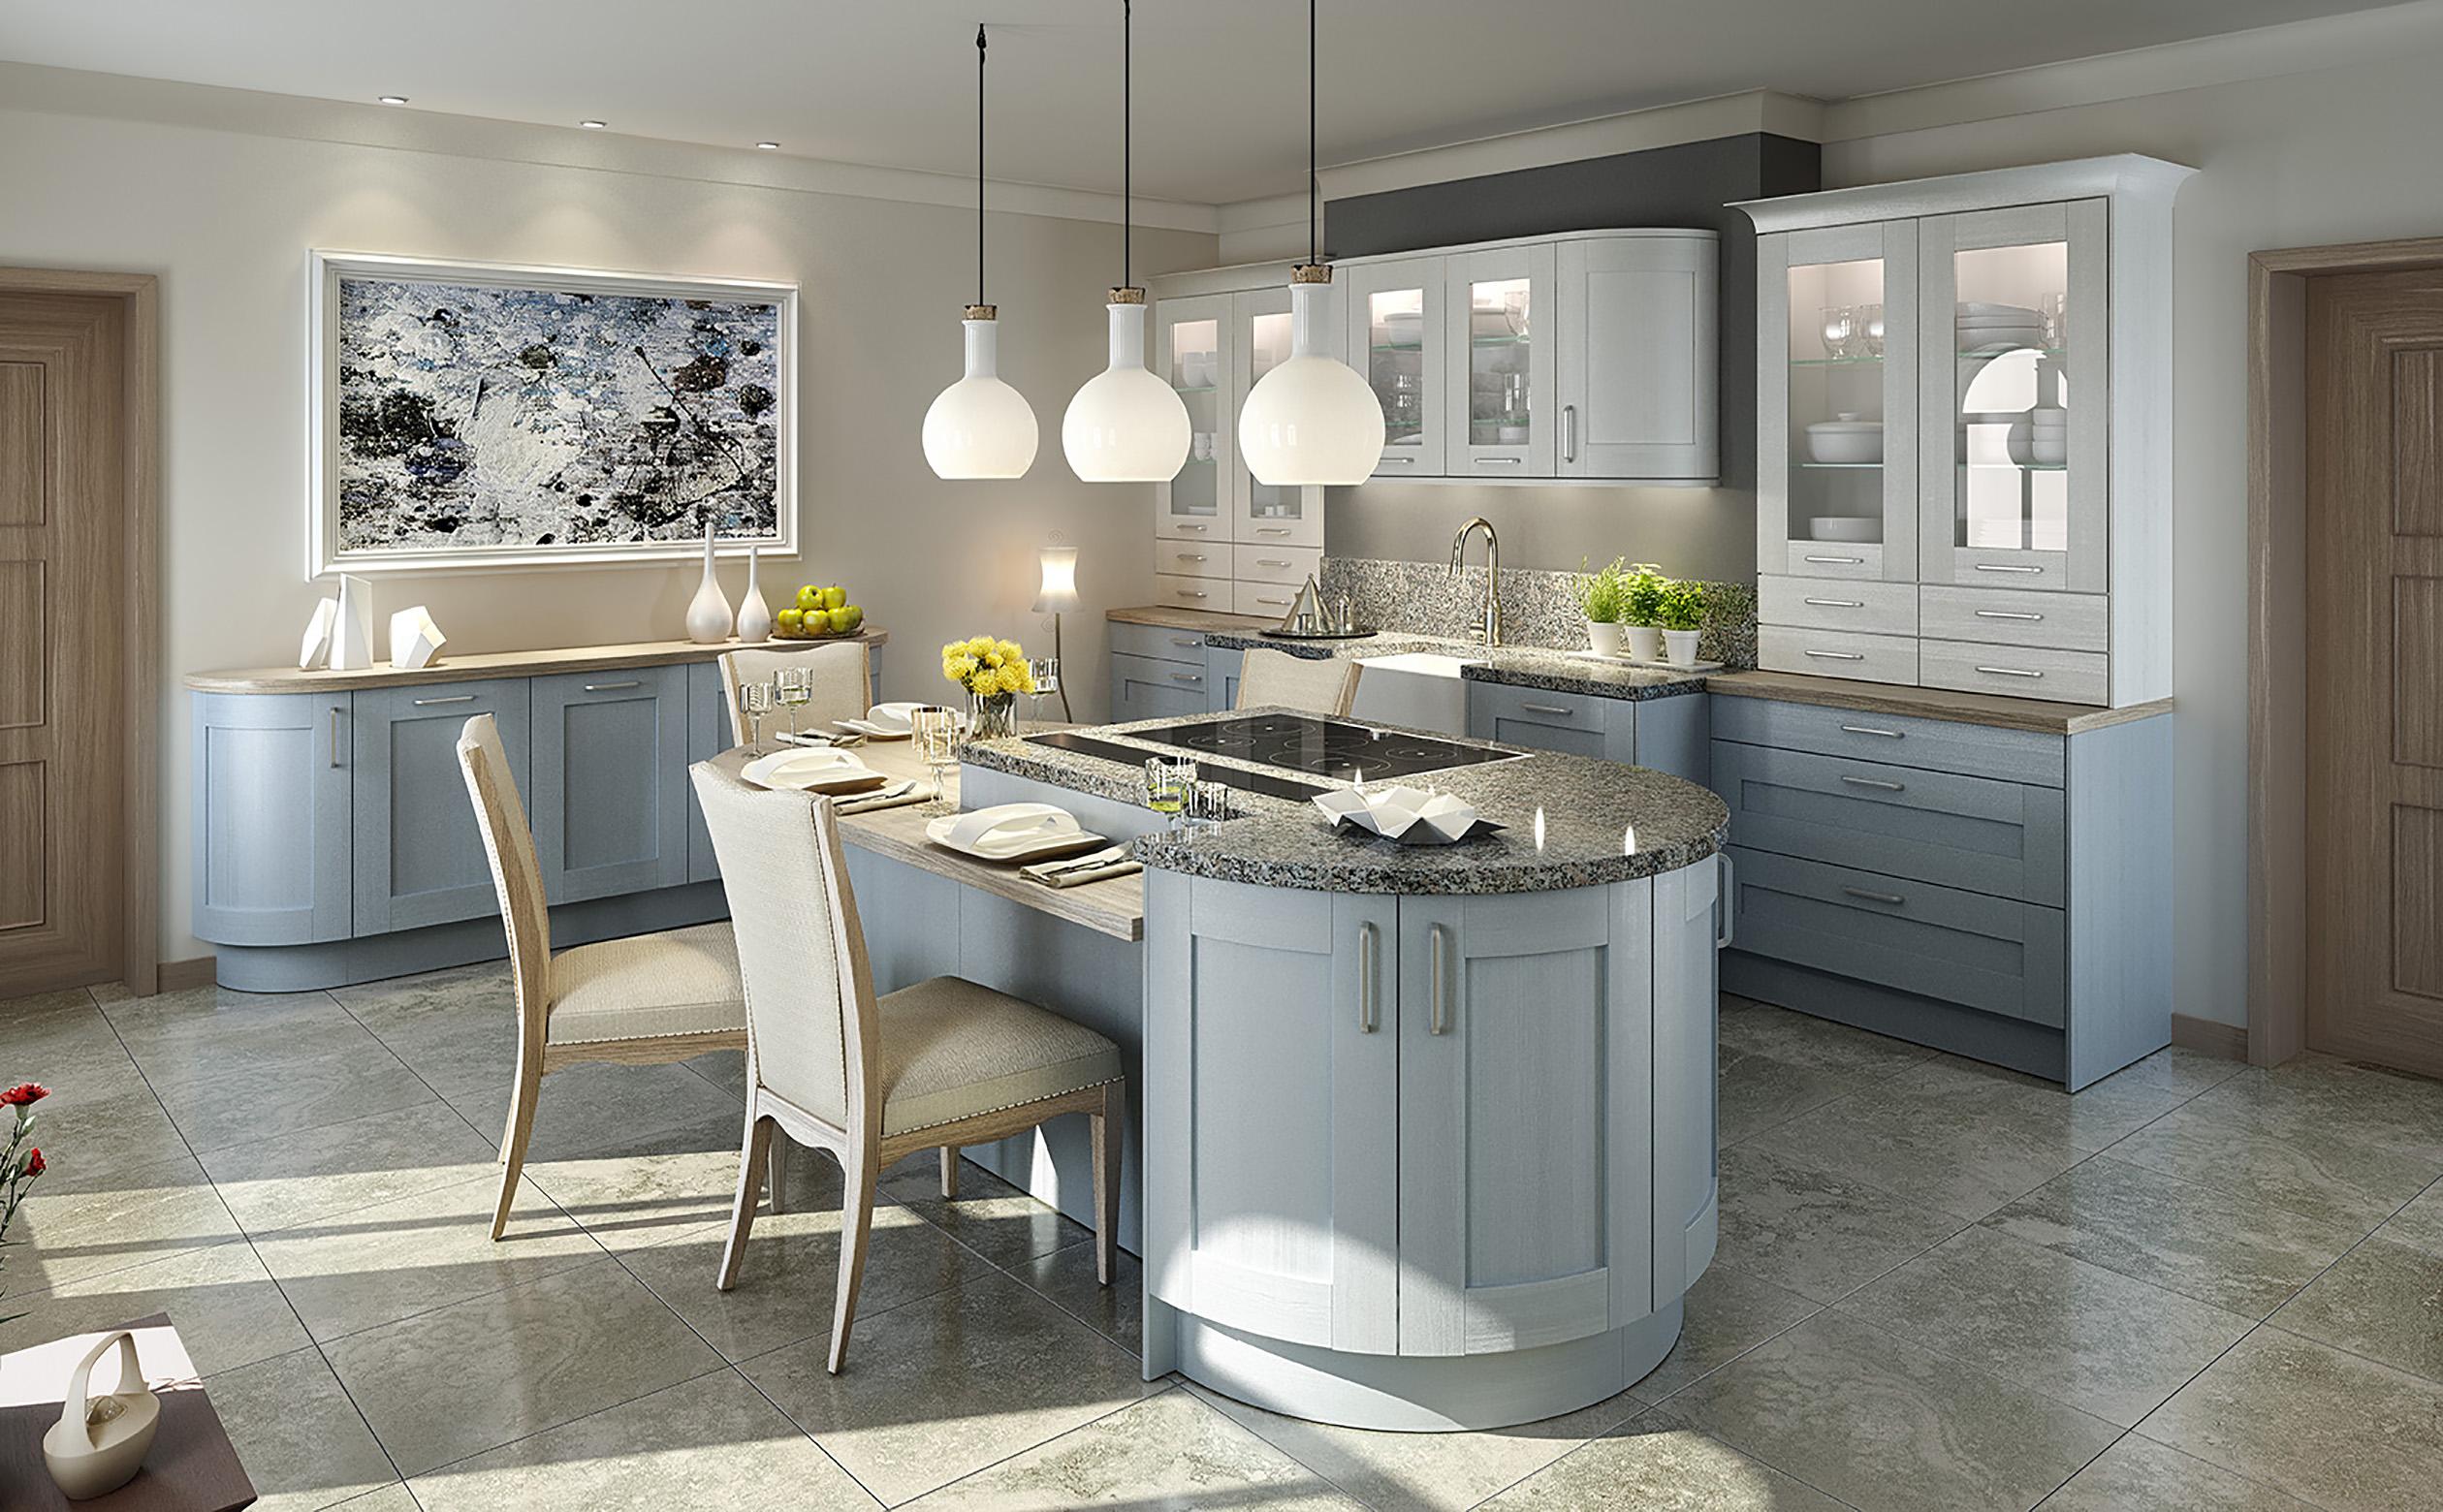 kueche blau p3 ptc kitchens